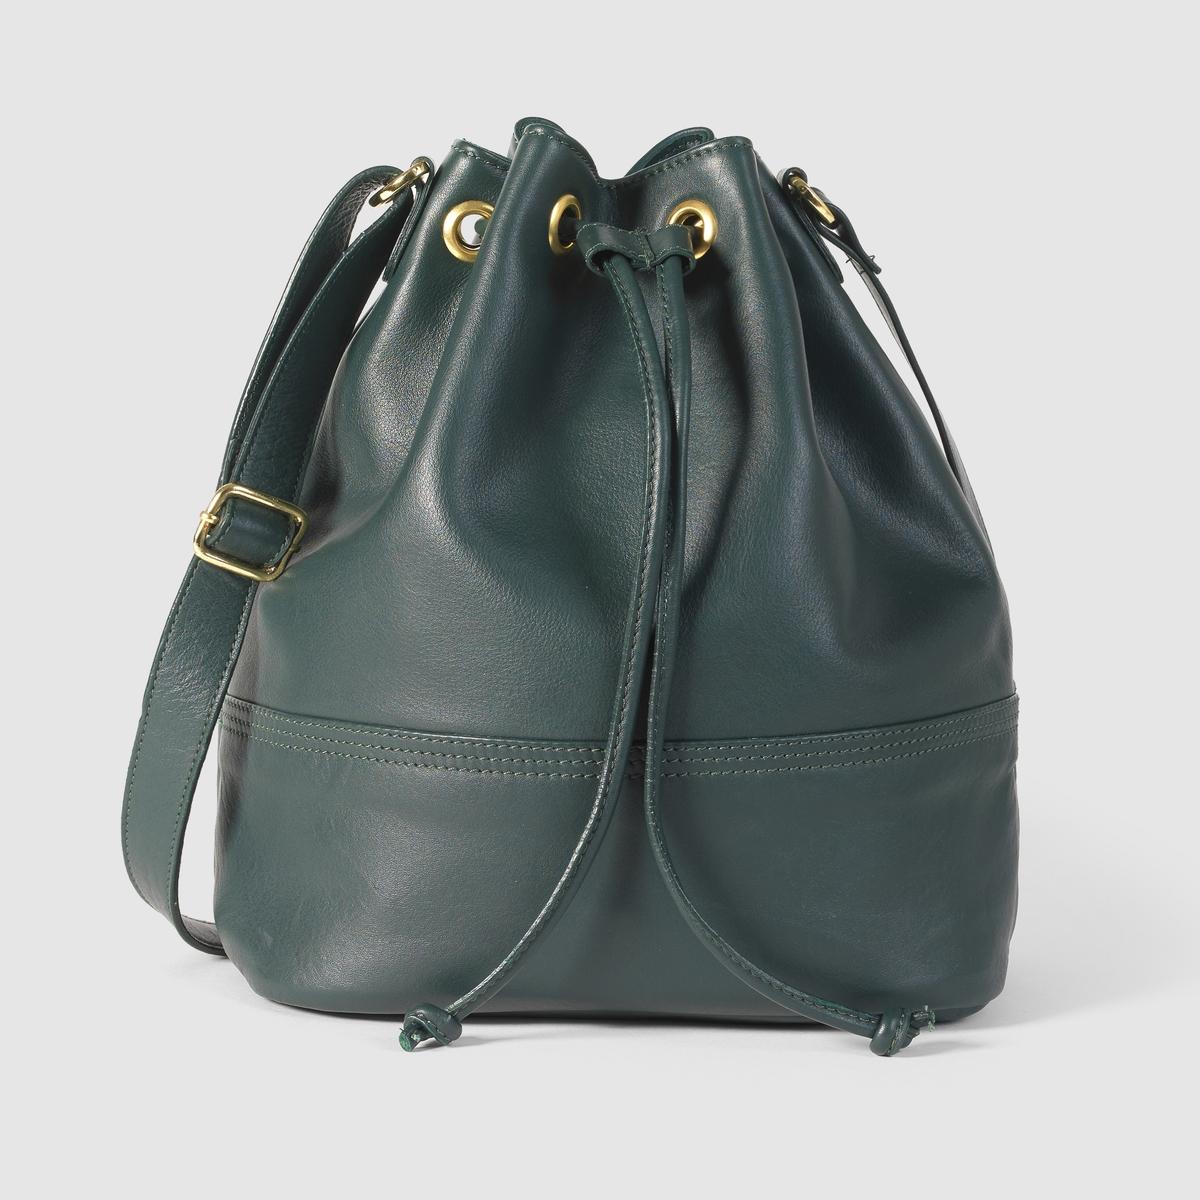 Сумка-мешокПреимущества : идеальная сумка для прогулок или работы благодаря своей практичности и утонченному аутентичному стилю.<br><br>Цвет: зеленый<br>Размер: единый размер